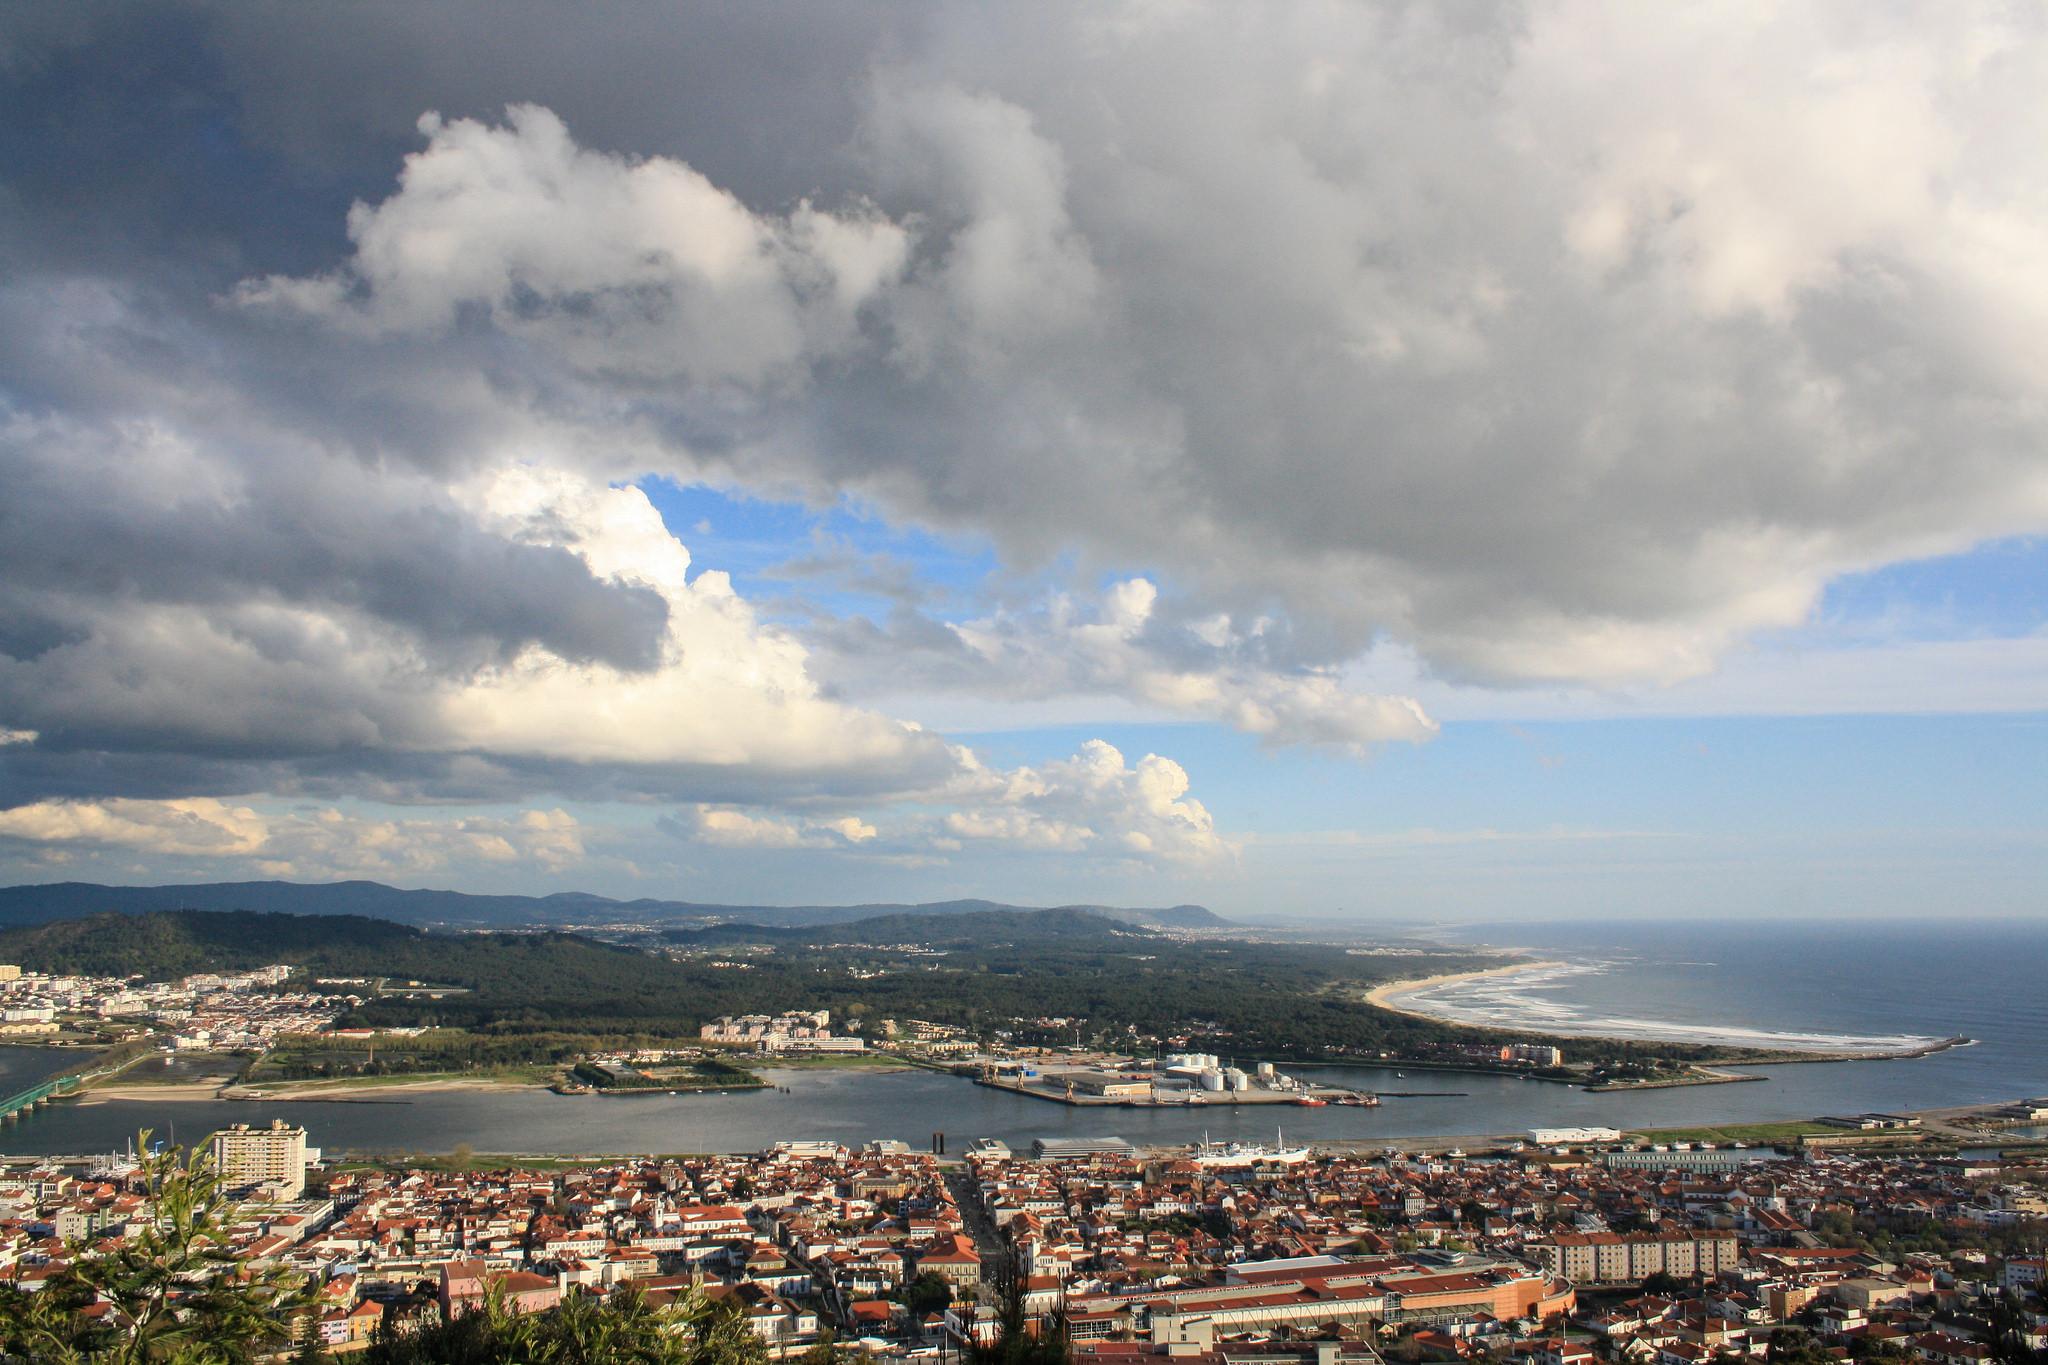 Cerca de 40 pais exigem transporte seguro para alunos de agrupamento de Viana